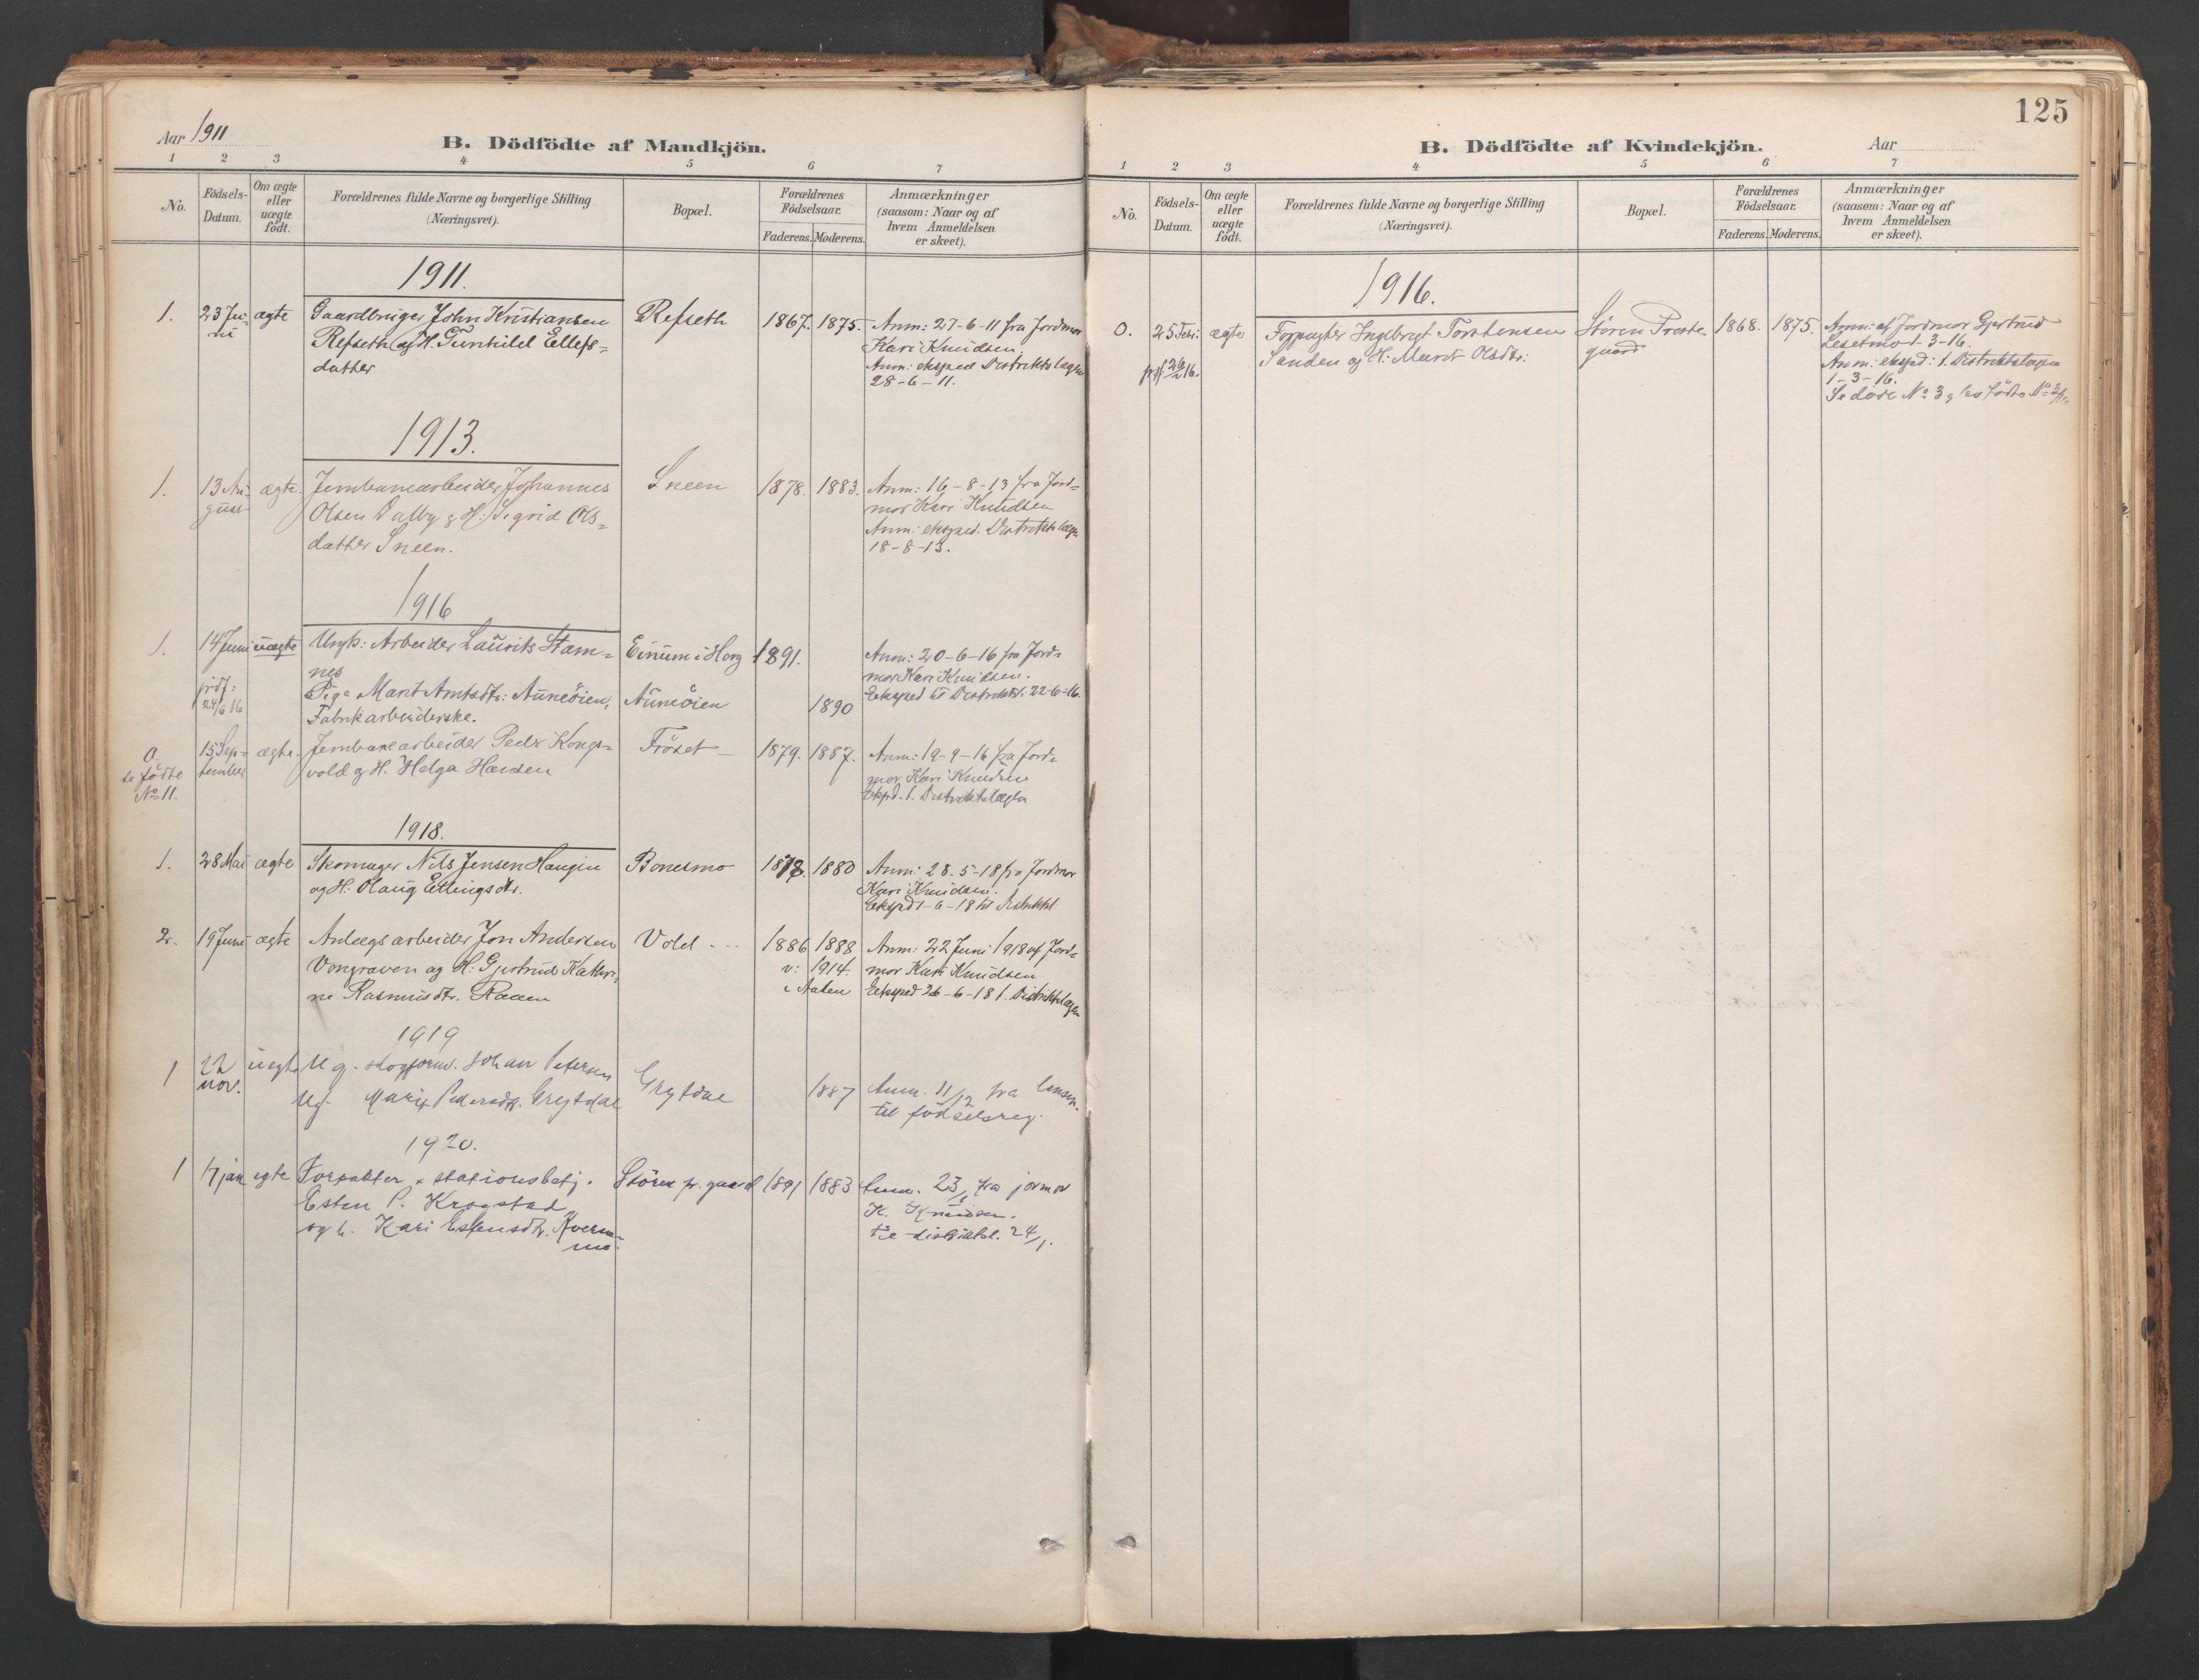 SAT, Ministerialprotokoller, klokkerbøker og fødselsregistre - Sør-Trøndelag, 687/L1004: Ministerialbok nr. 687A10, 1891-1923, s. 125